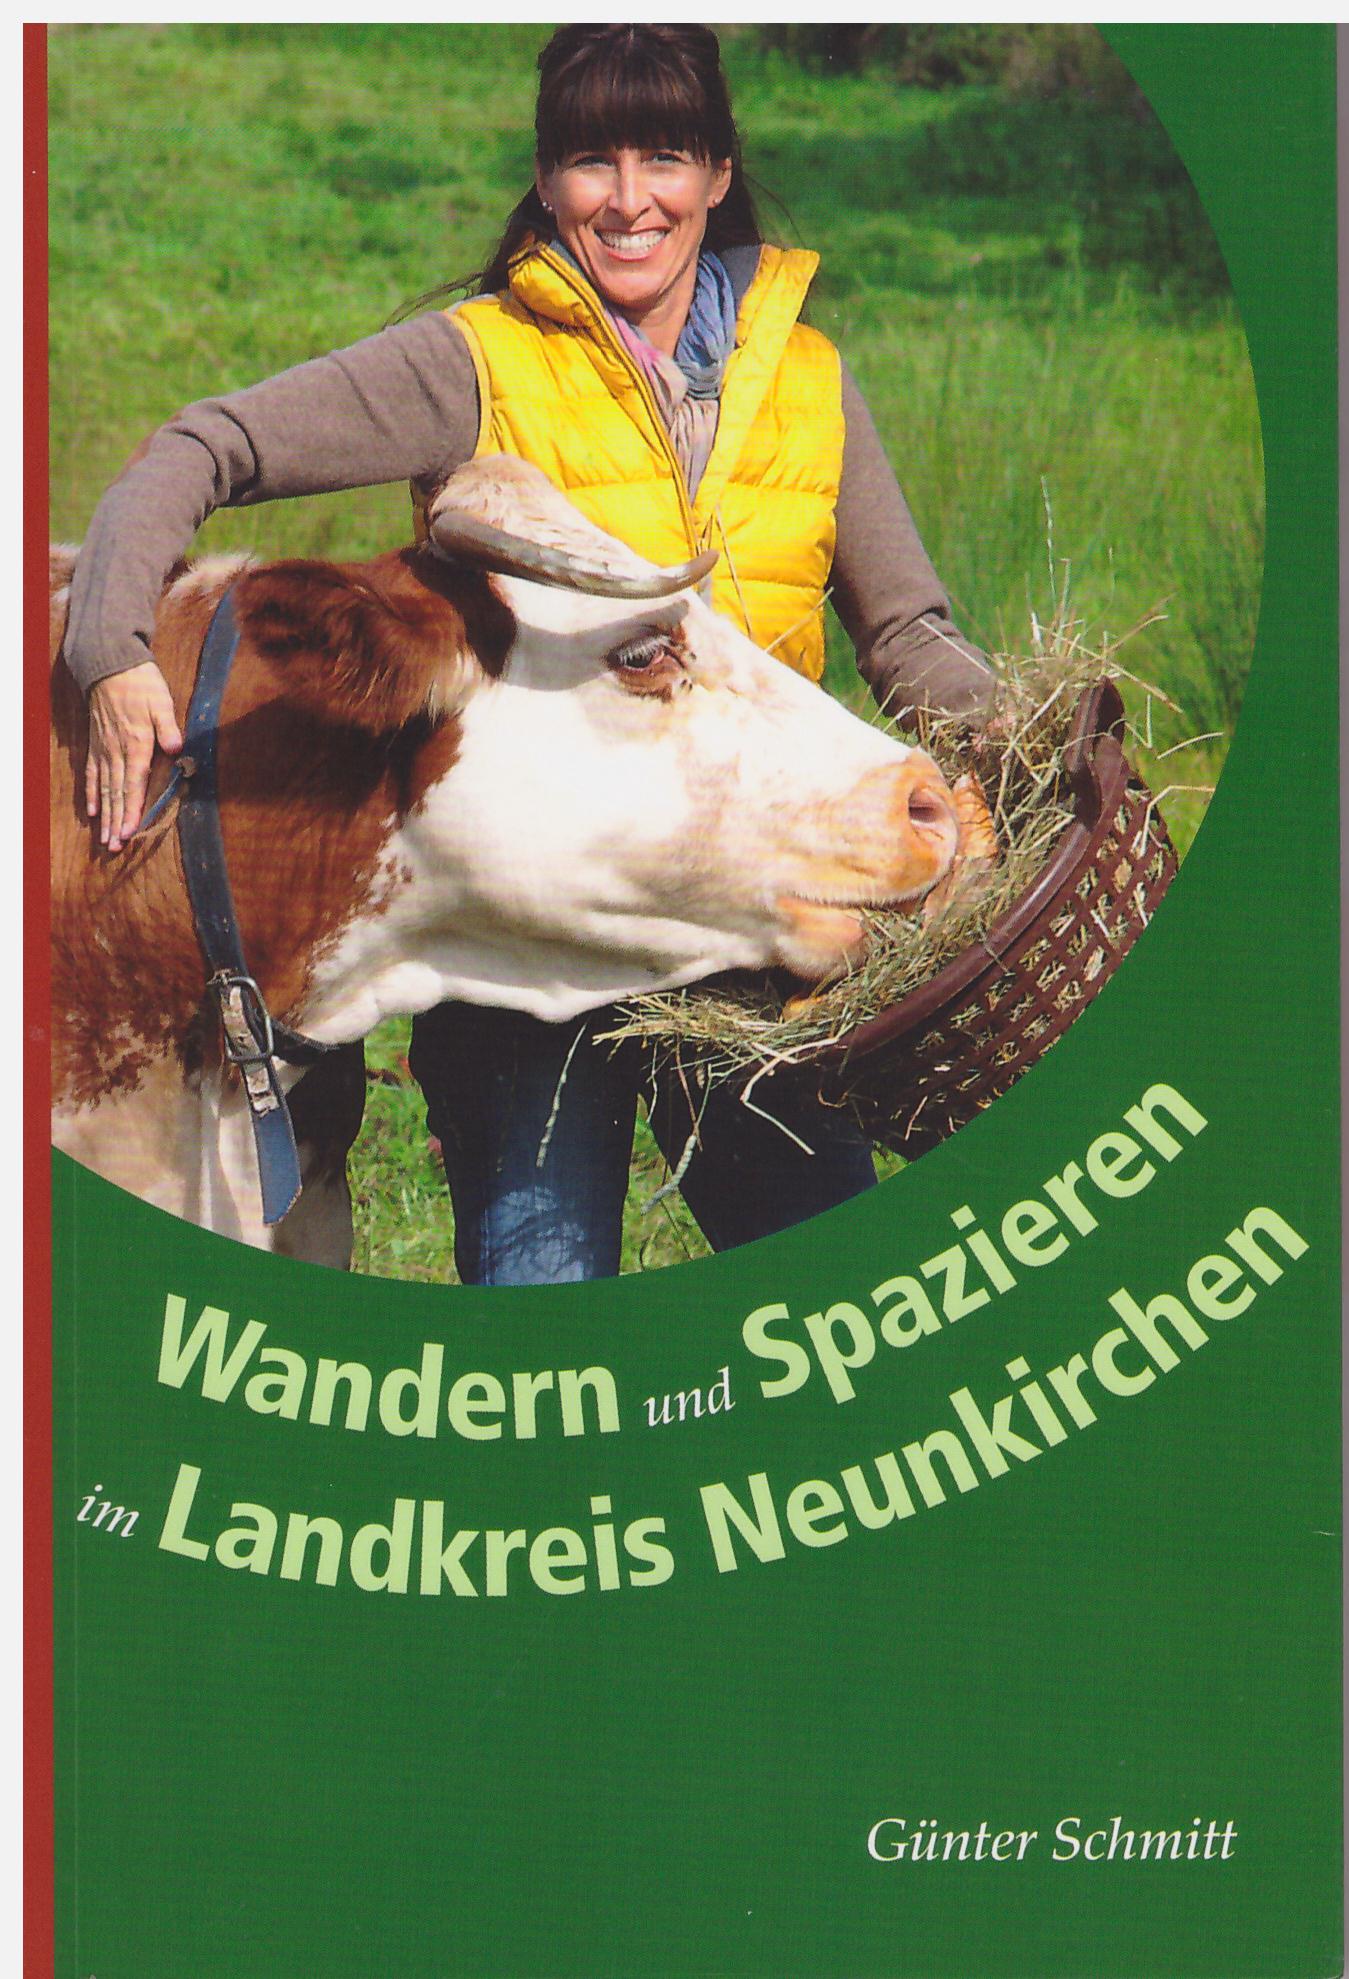 Wandern und Spazieren im Landkreis Neunkirchen